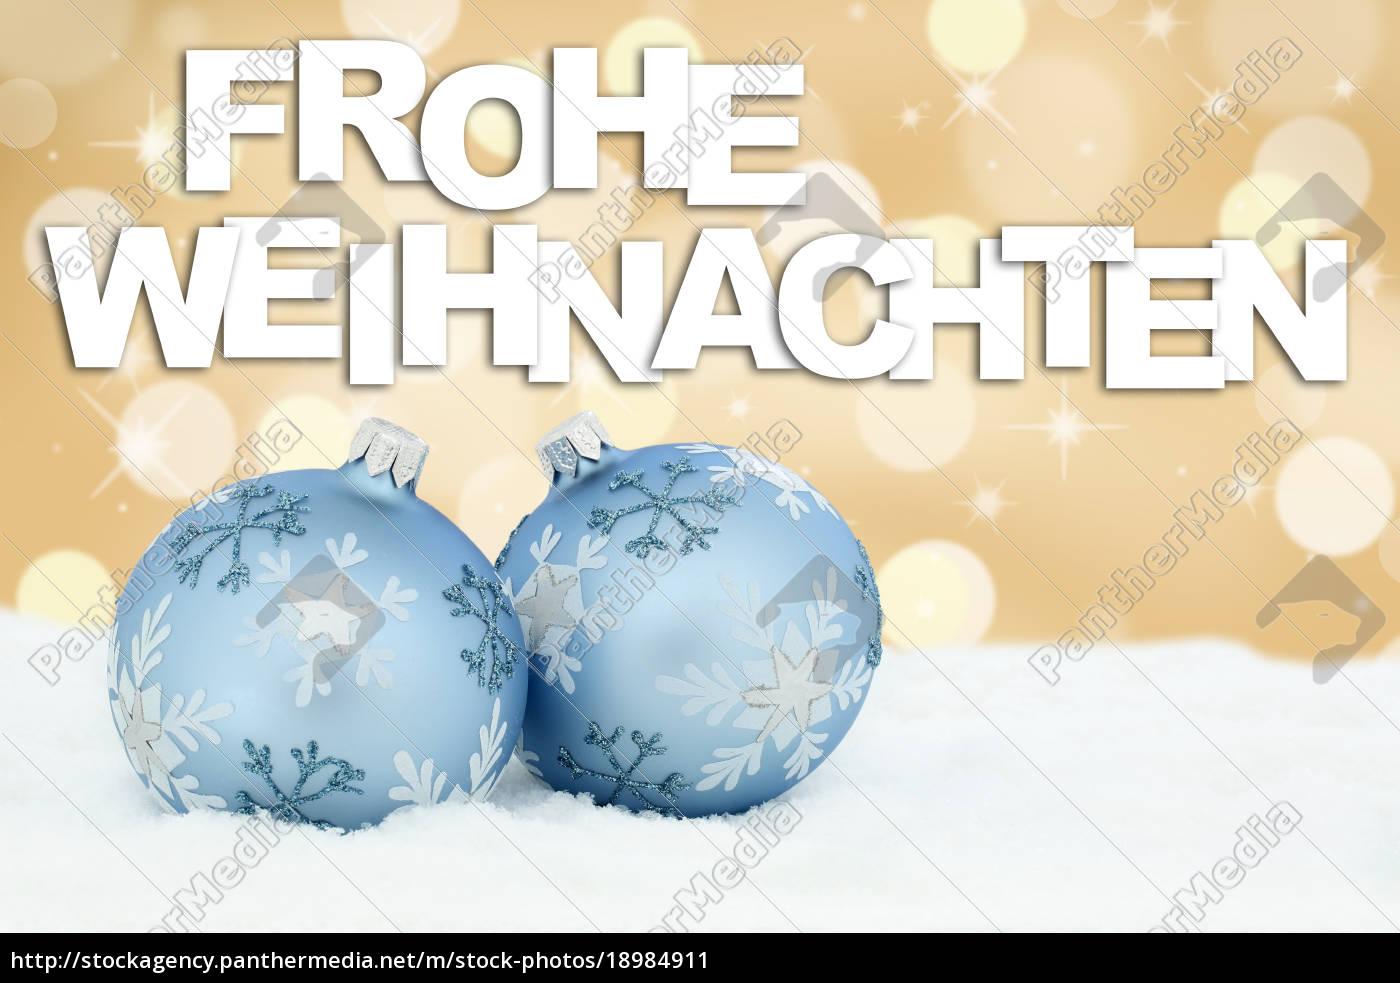 Frohe Weihnachten Text Karte.Lizenzfreies Bild 18984911 Frohe Weihnachten Gold Weihnachtskarte Karte Weihnachtsdeko